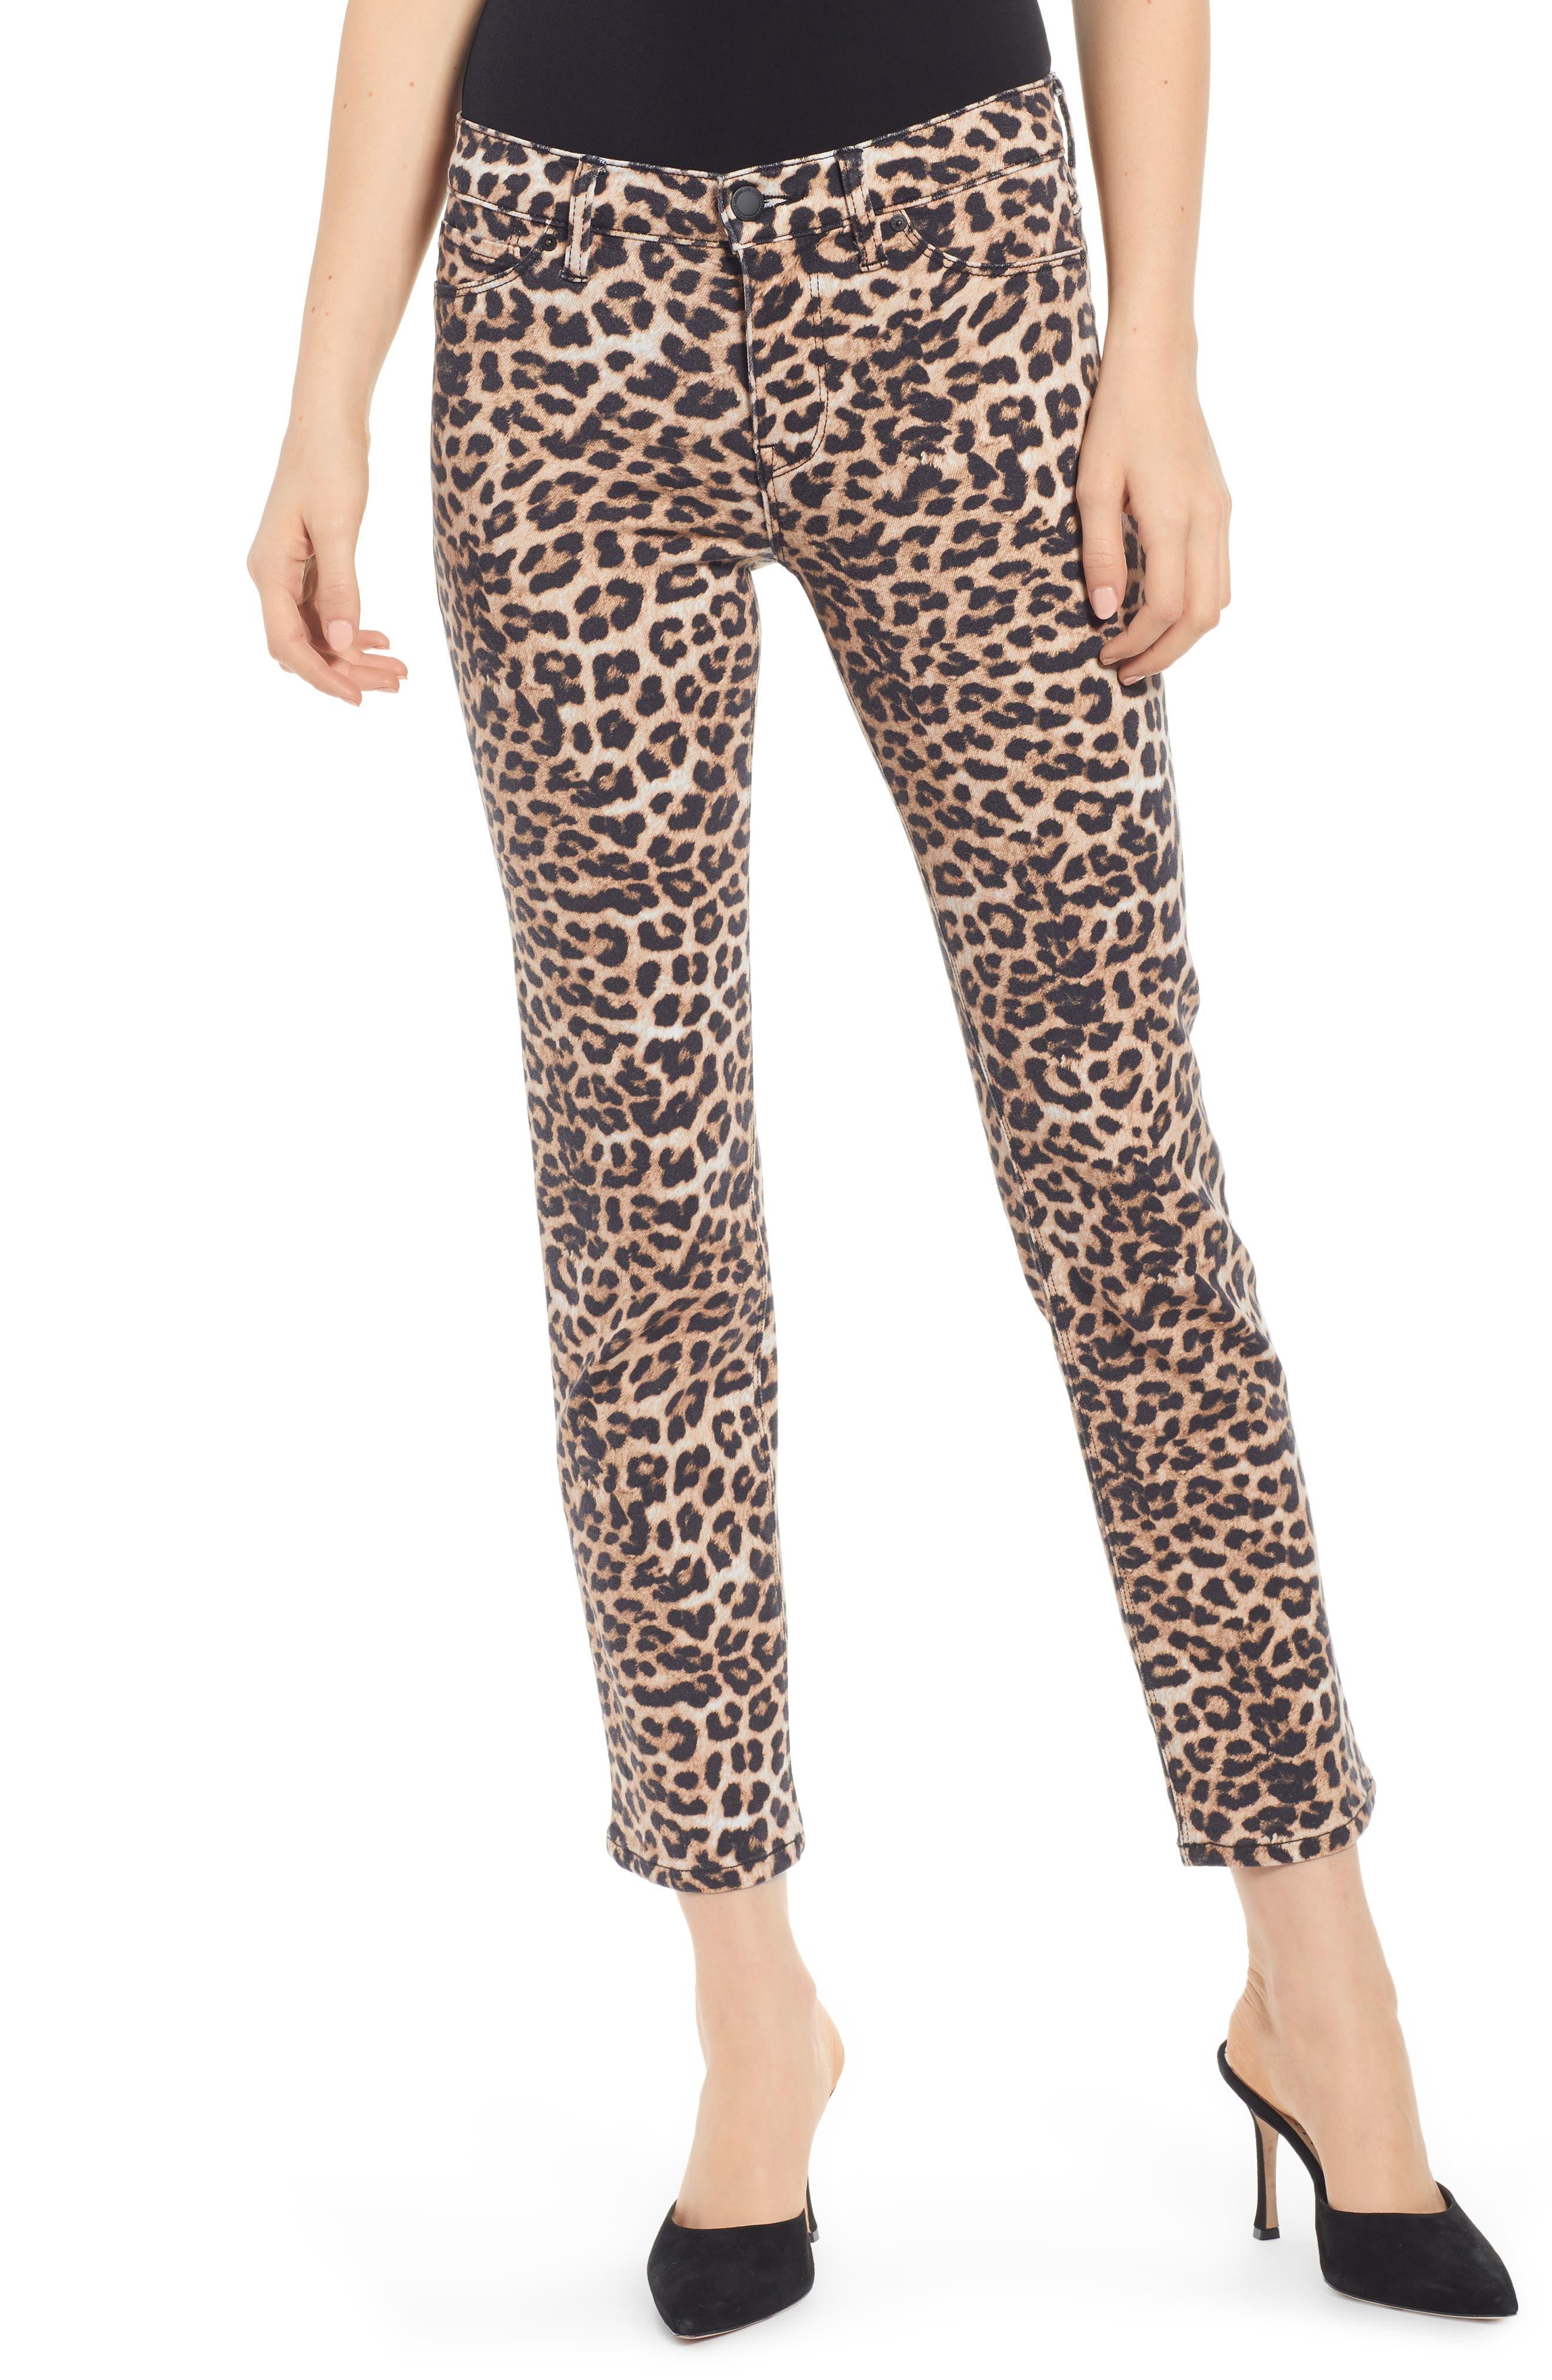 HUDSON JEANS, Hudson Ankle Straight Leg Jeans, Main thumbnail 1, color, CLASSIC LEOPARD